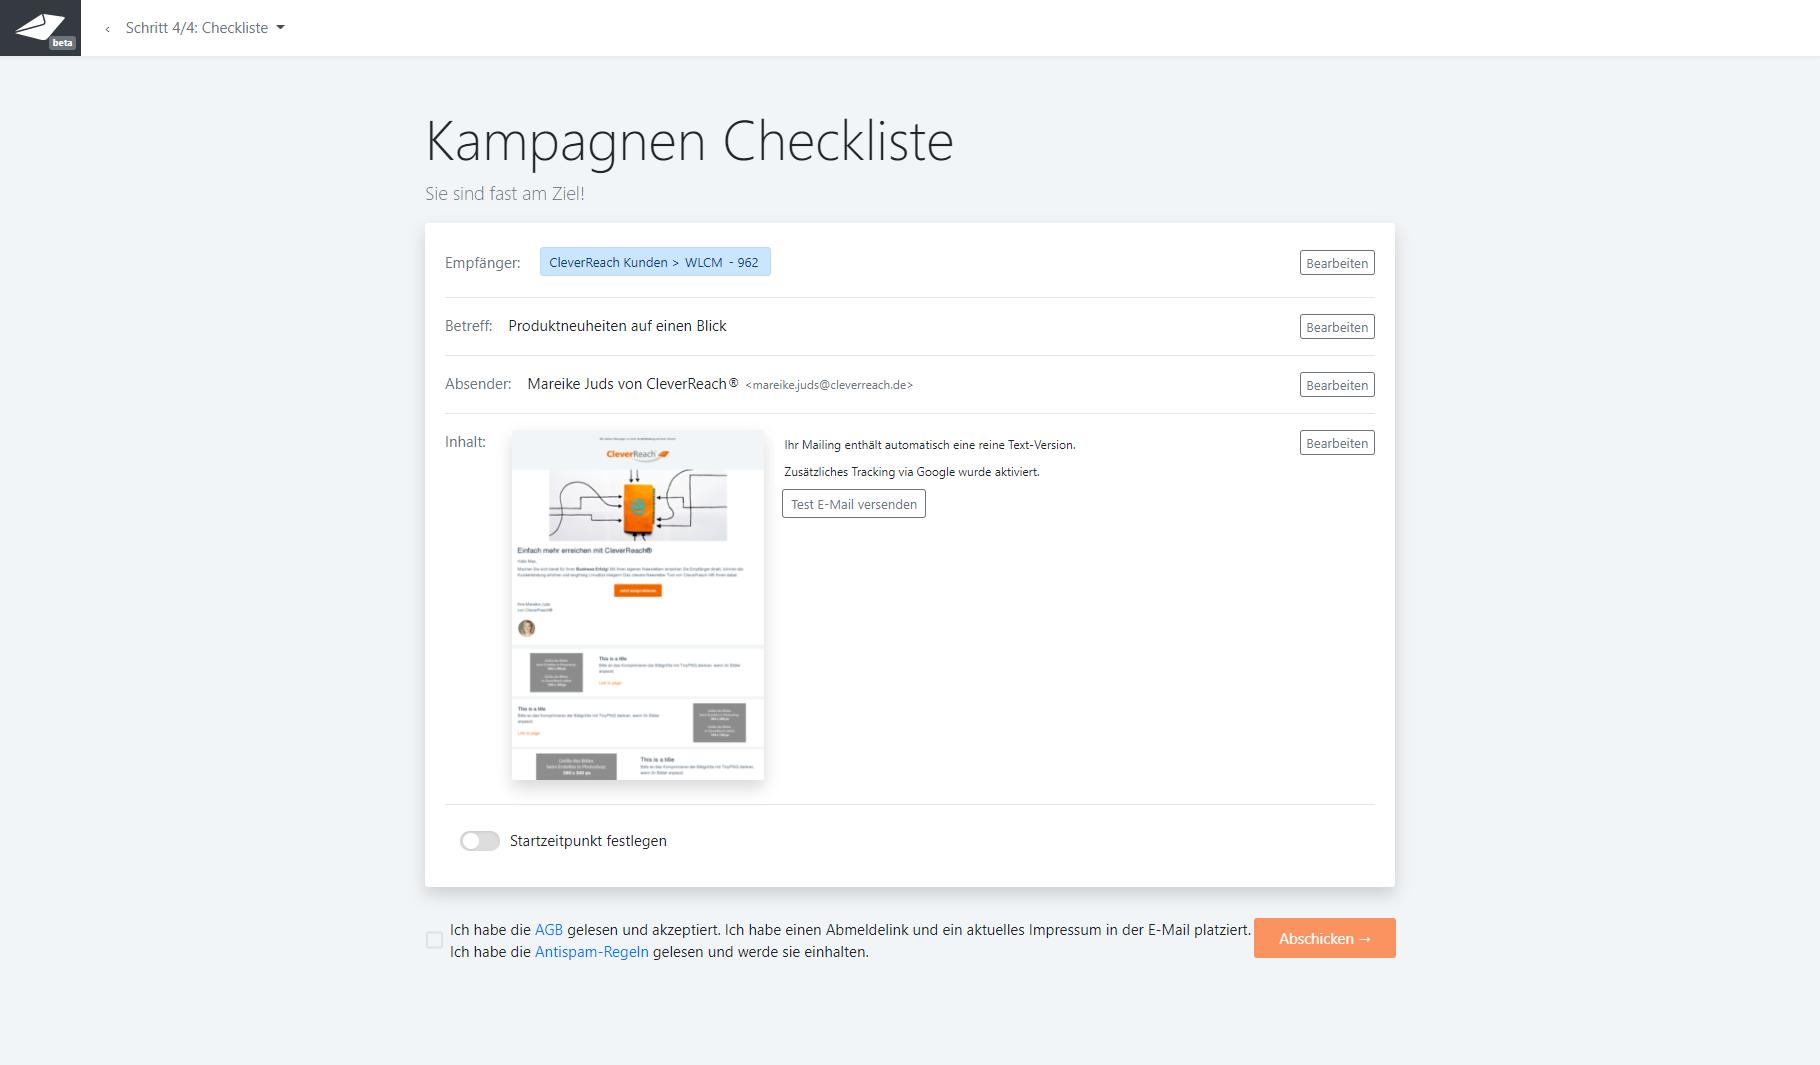 cleverreach-screenshot-newsletter-editor-email-erstellung-prozess-checklist